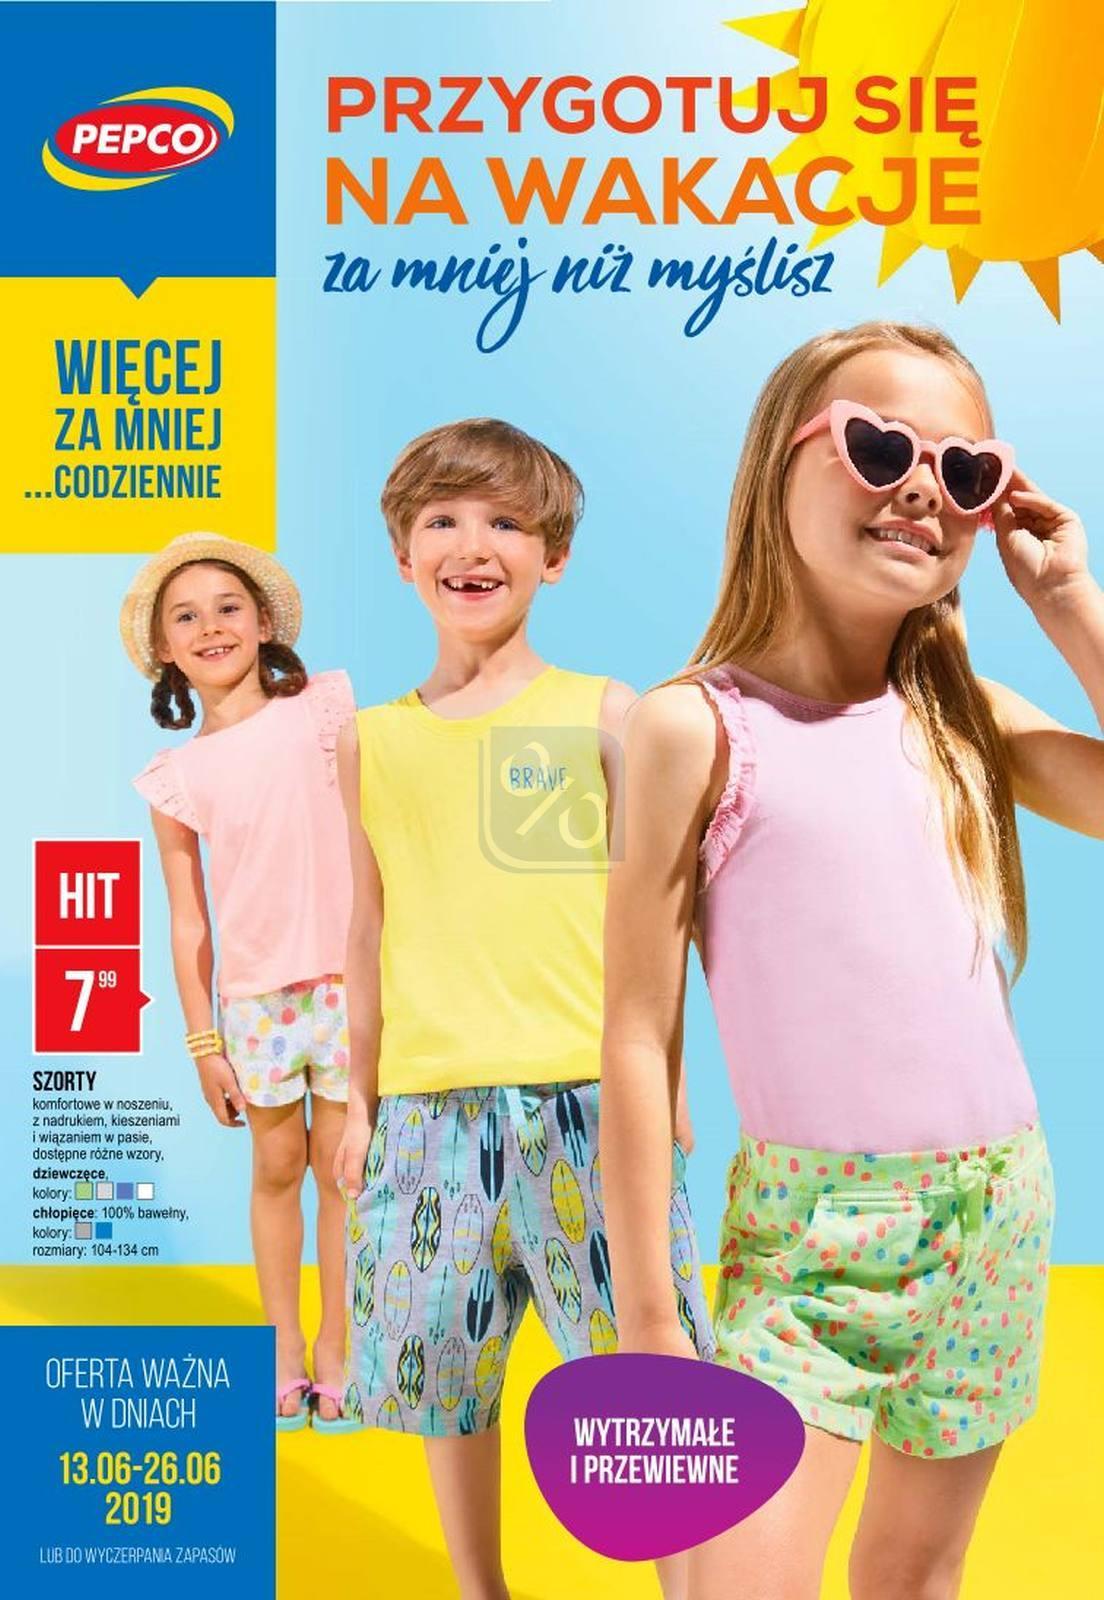 Gazetka promocyjna Pepco do 26/06/2019 str.1